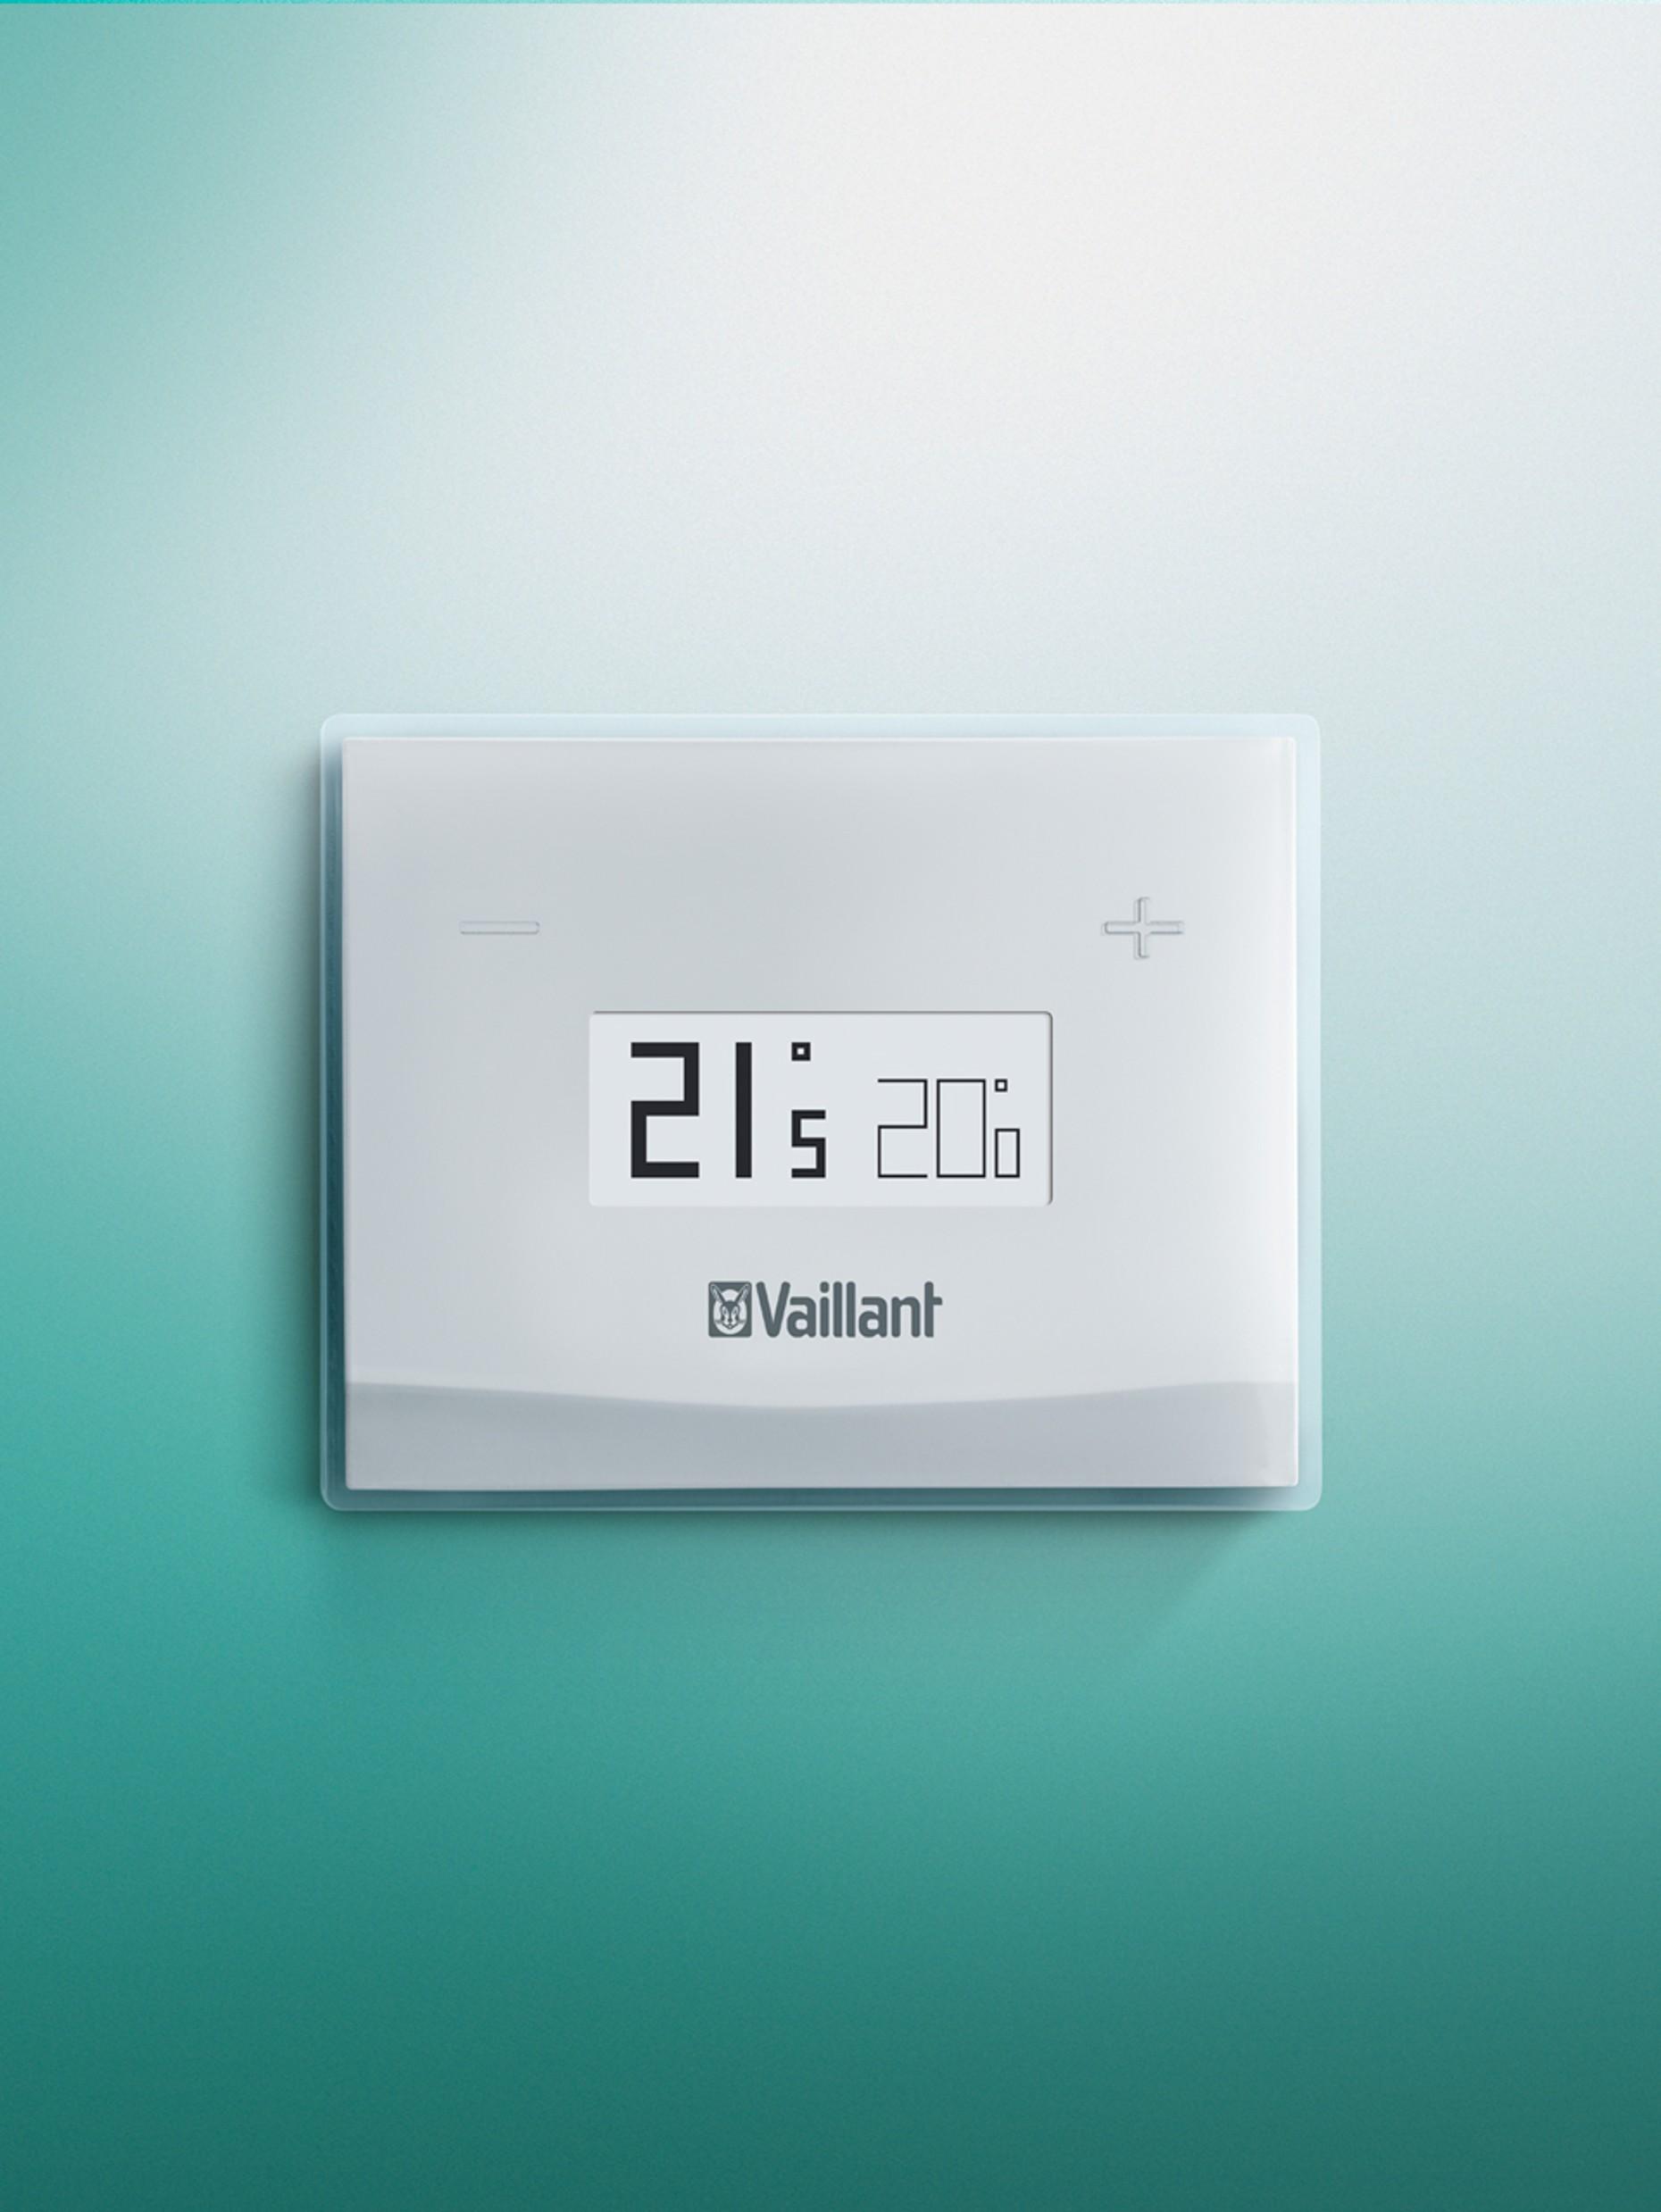 Vsmart Termostato Wifi Modulante Vaillant